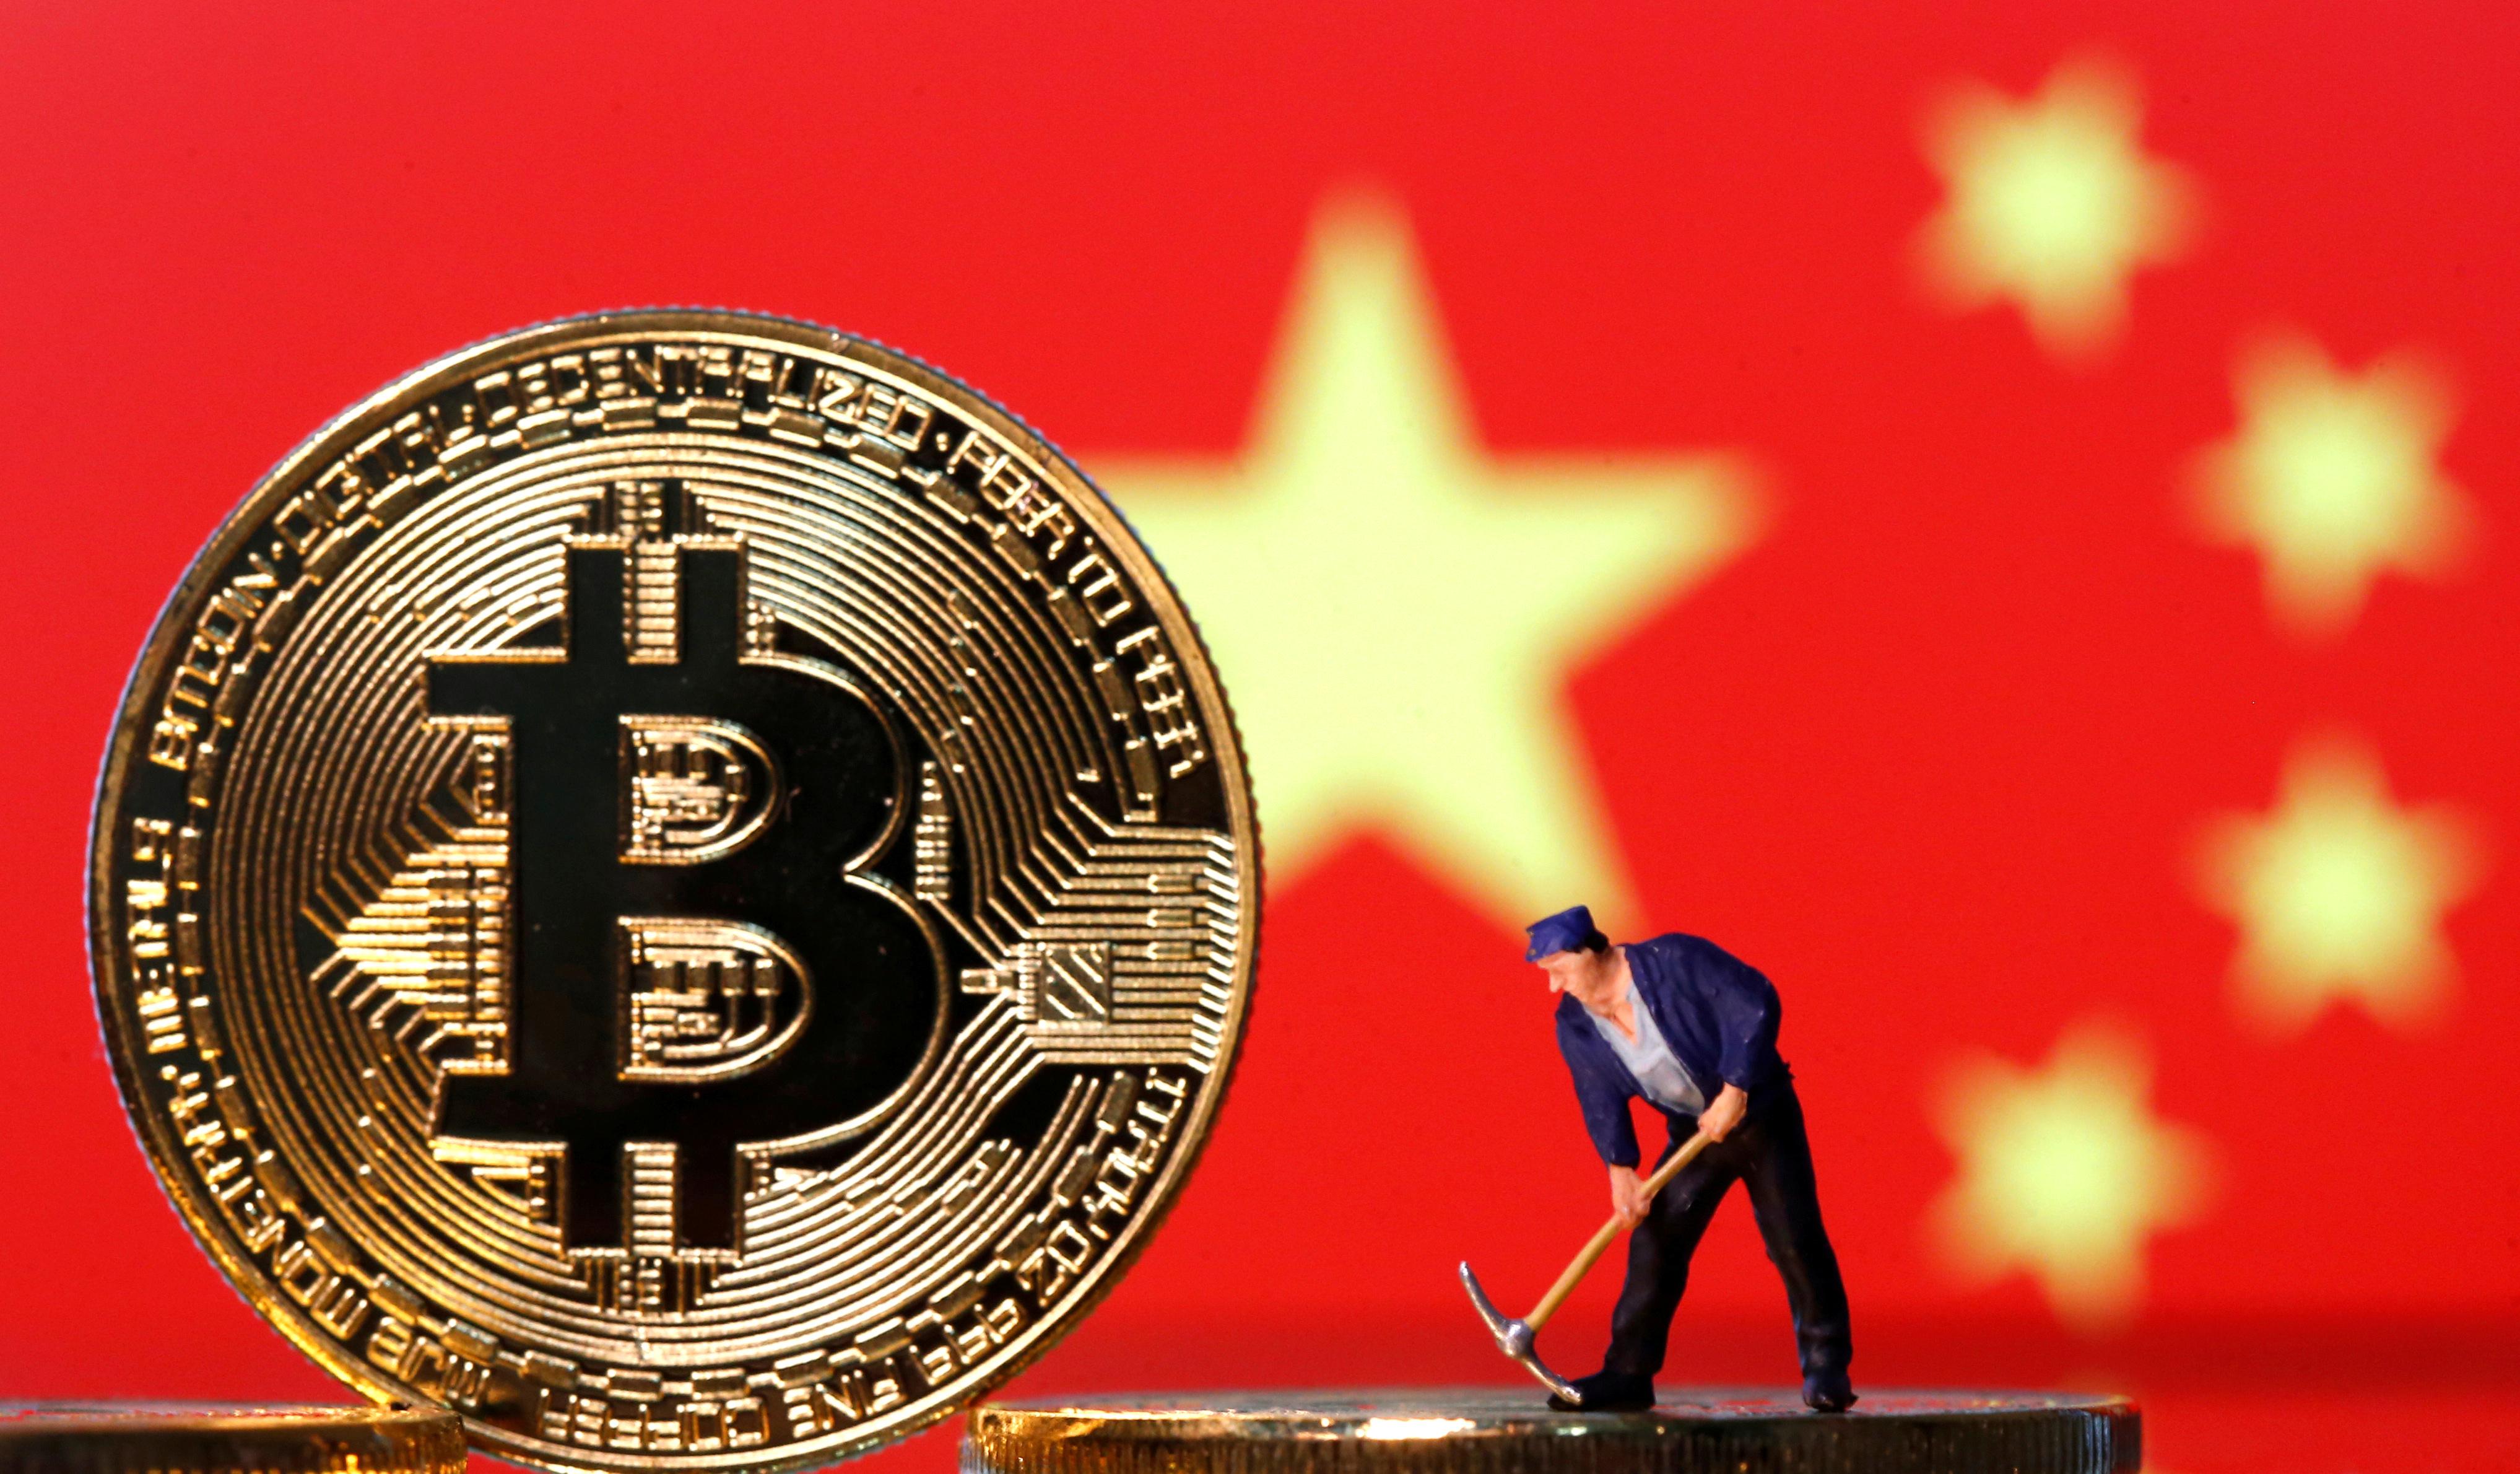 Trung Quốc cấm tổ chức tài chính giao dịch tiền điện tử